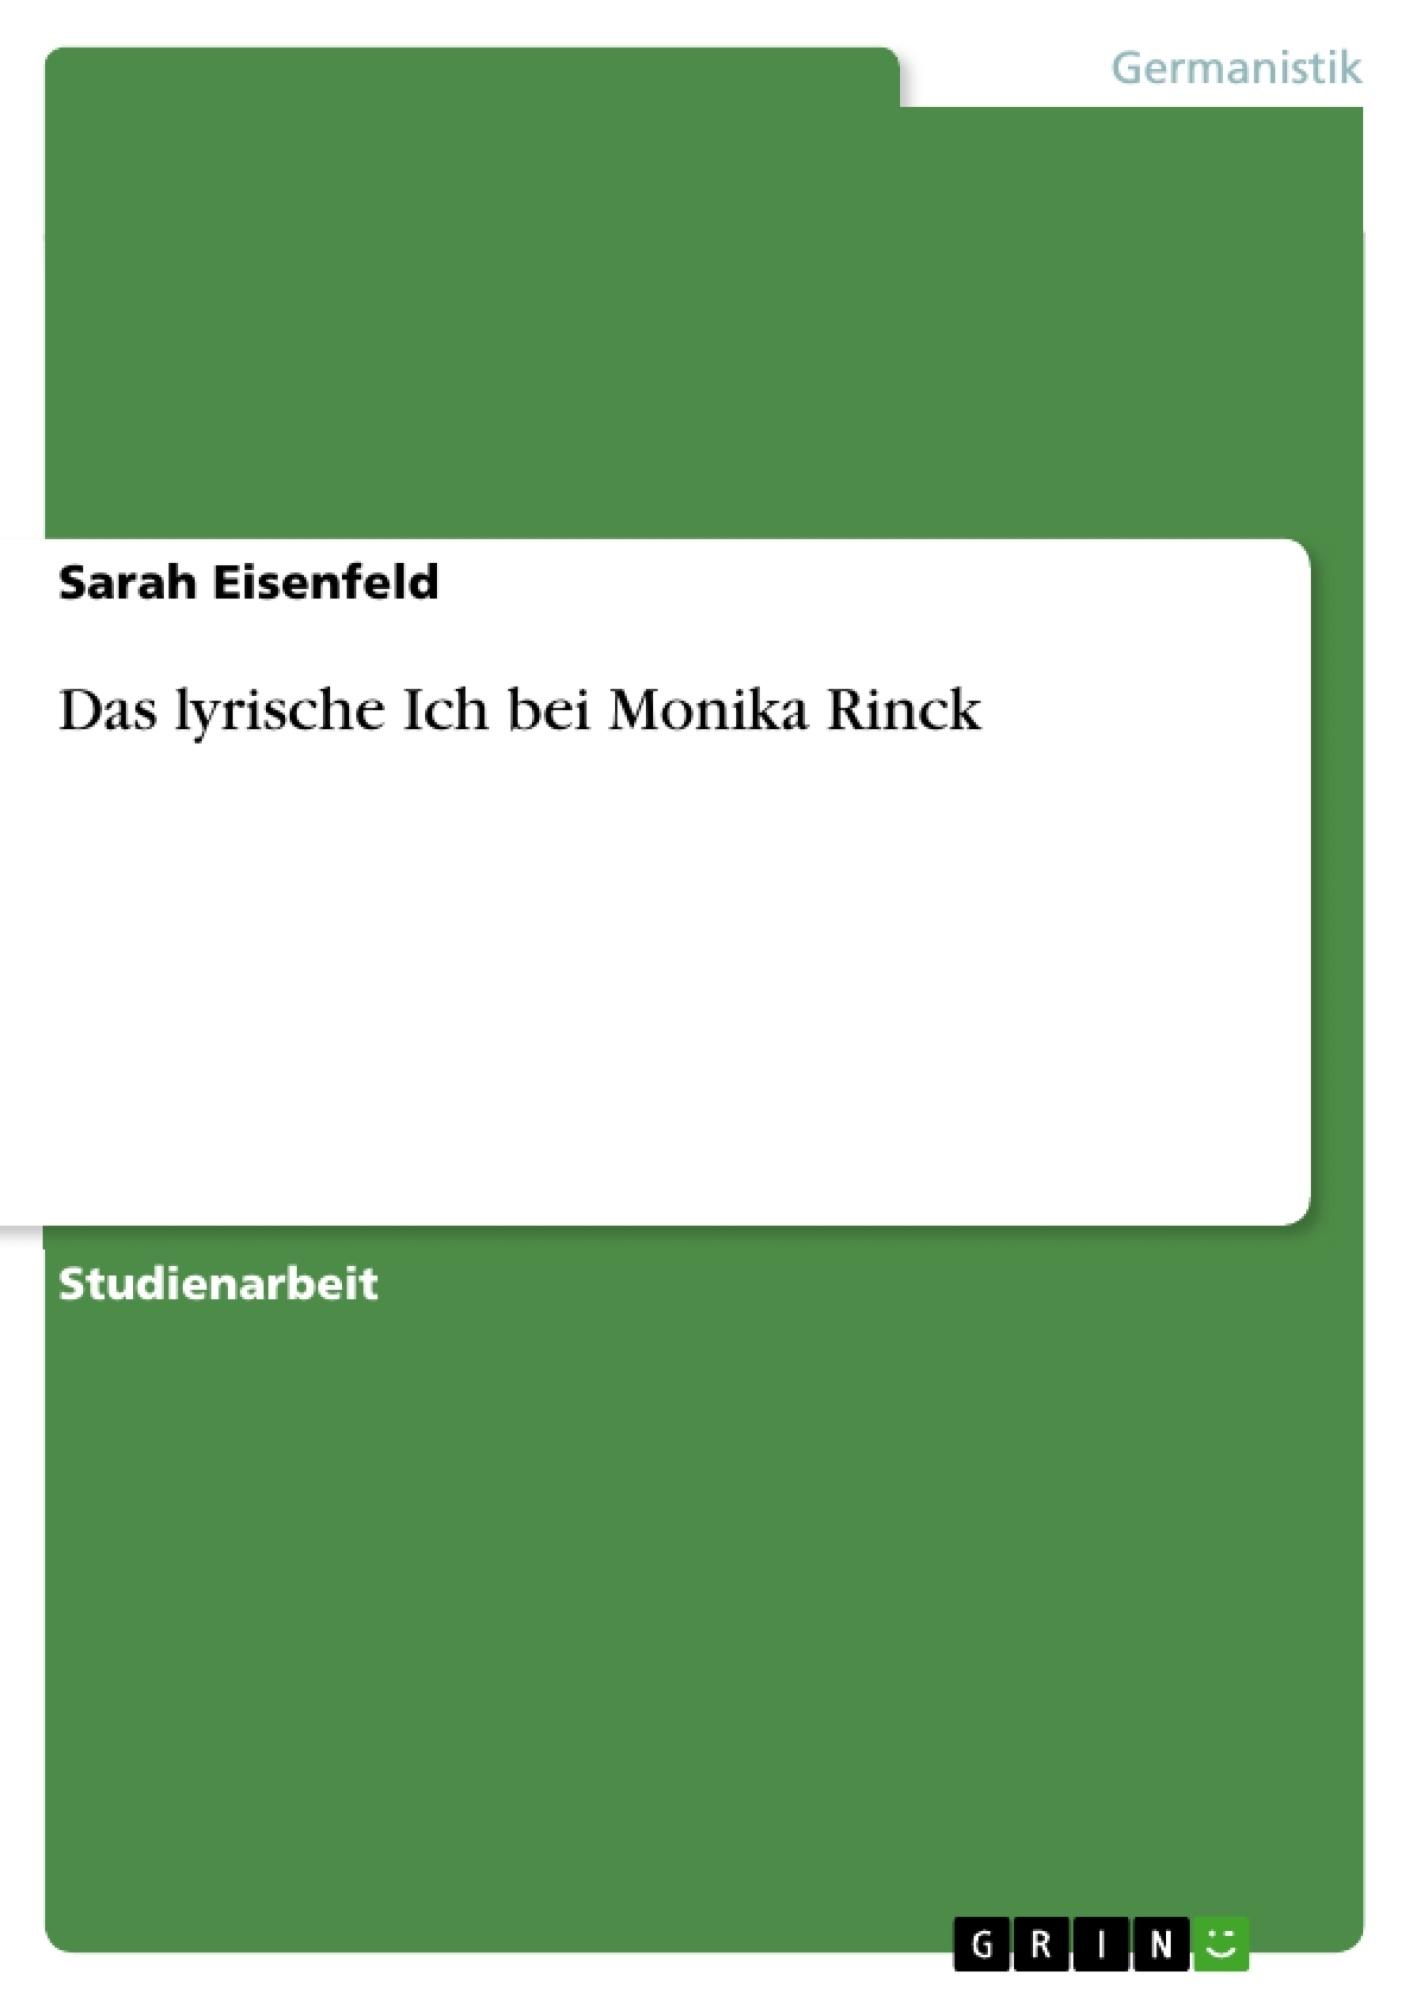 Titel: Das lyrische Ich bei Monika Rinck